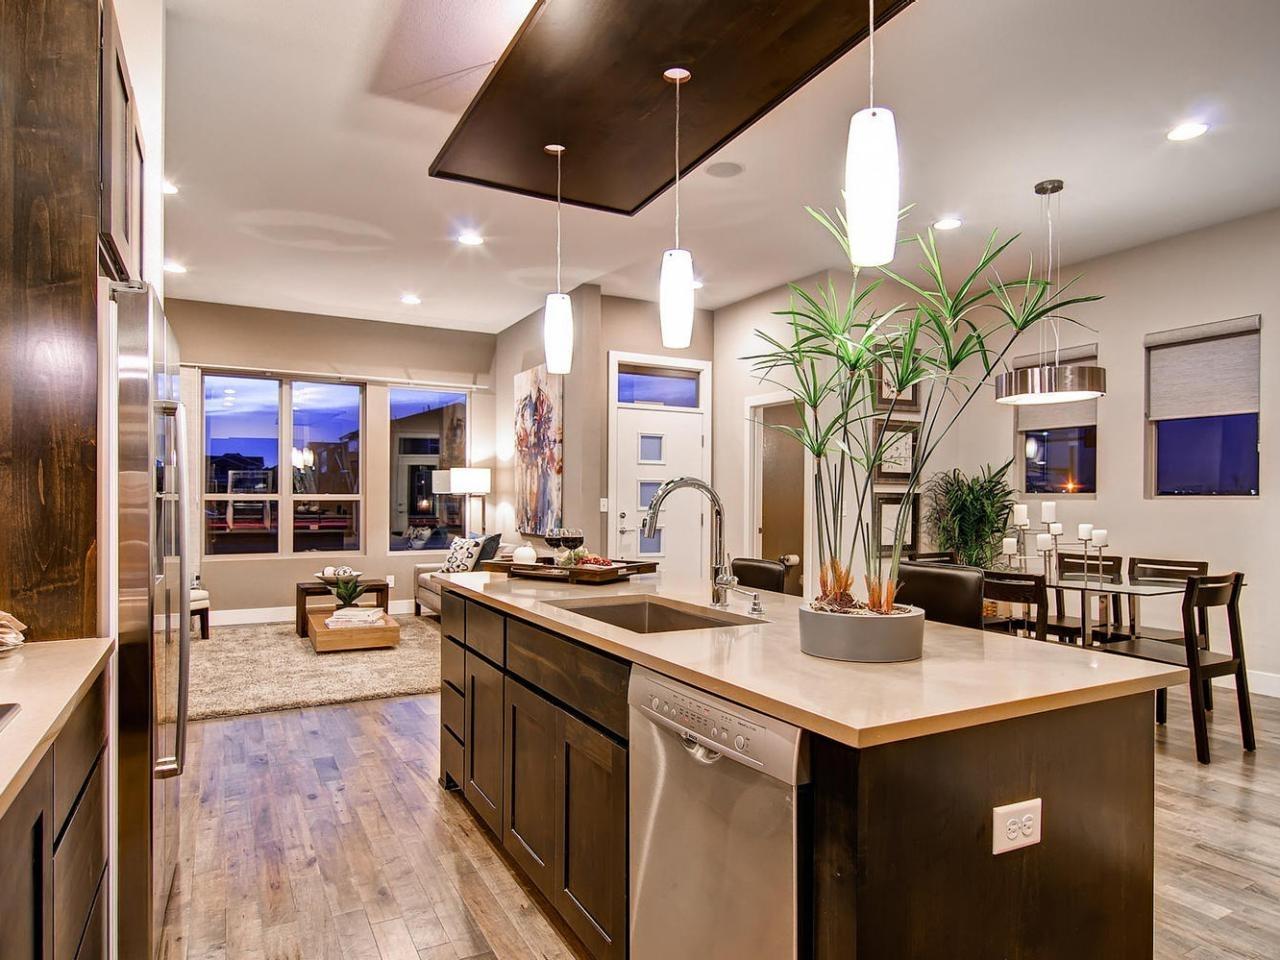 10 Fabulous Kitchen Design Ideas With Island %name 2020